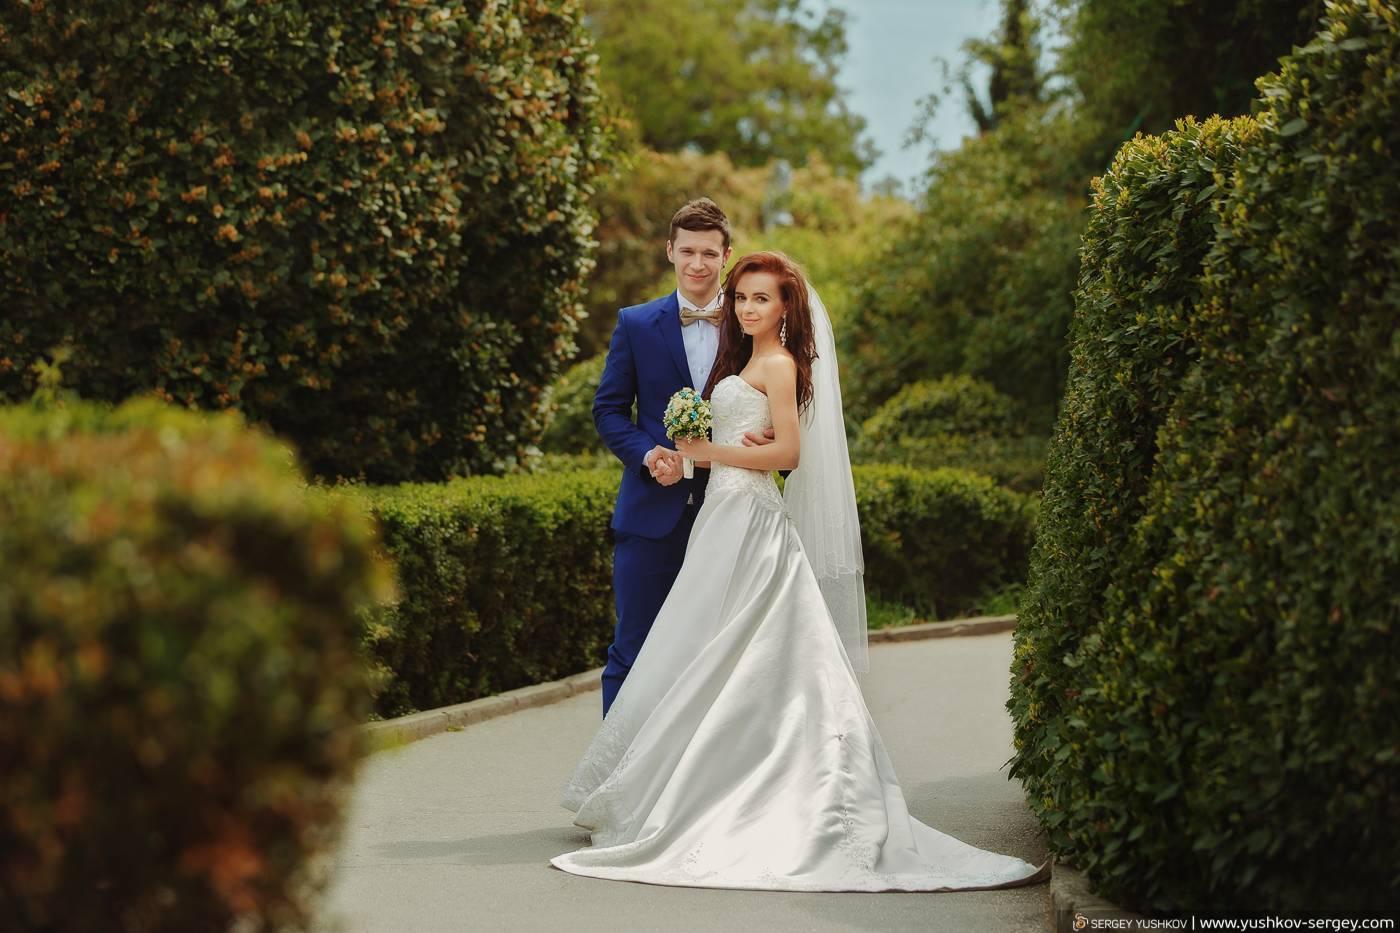 Лучшие площадки для проведения выездной свадебной церемонии в крыму